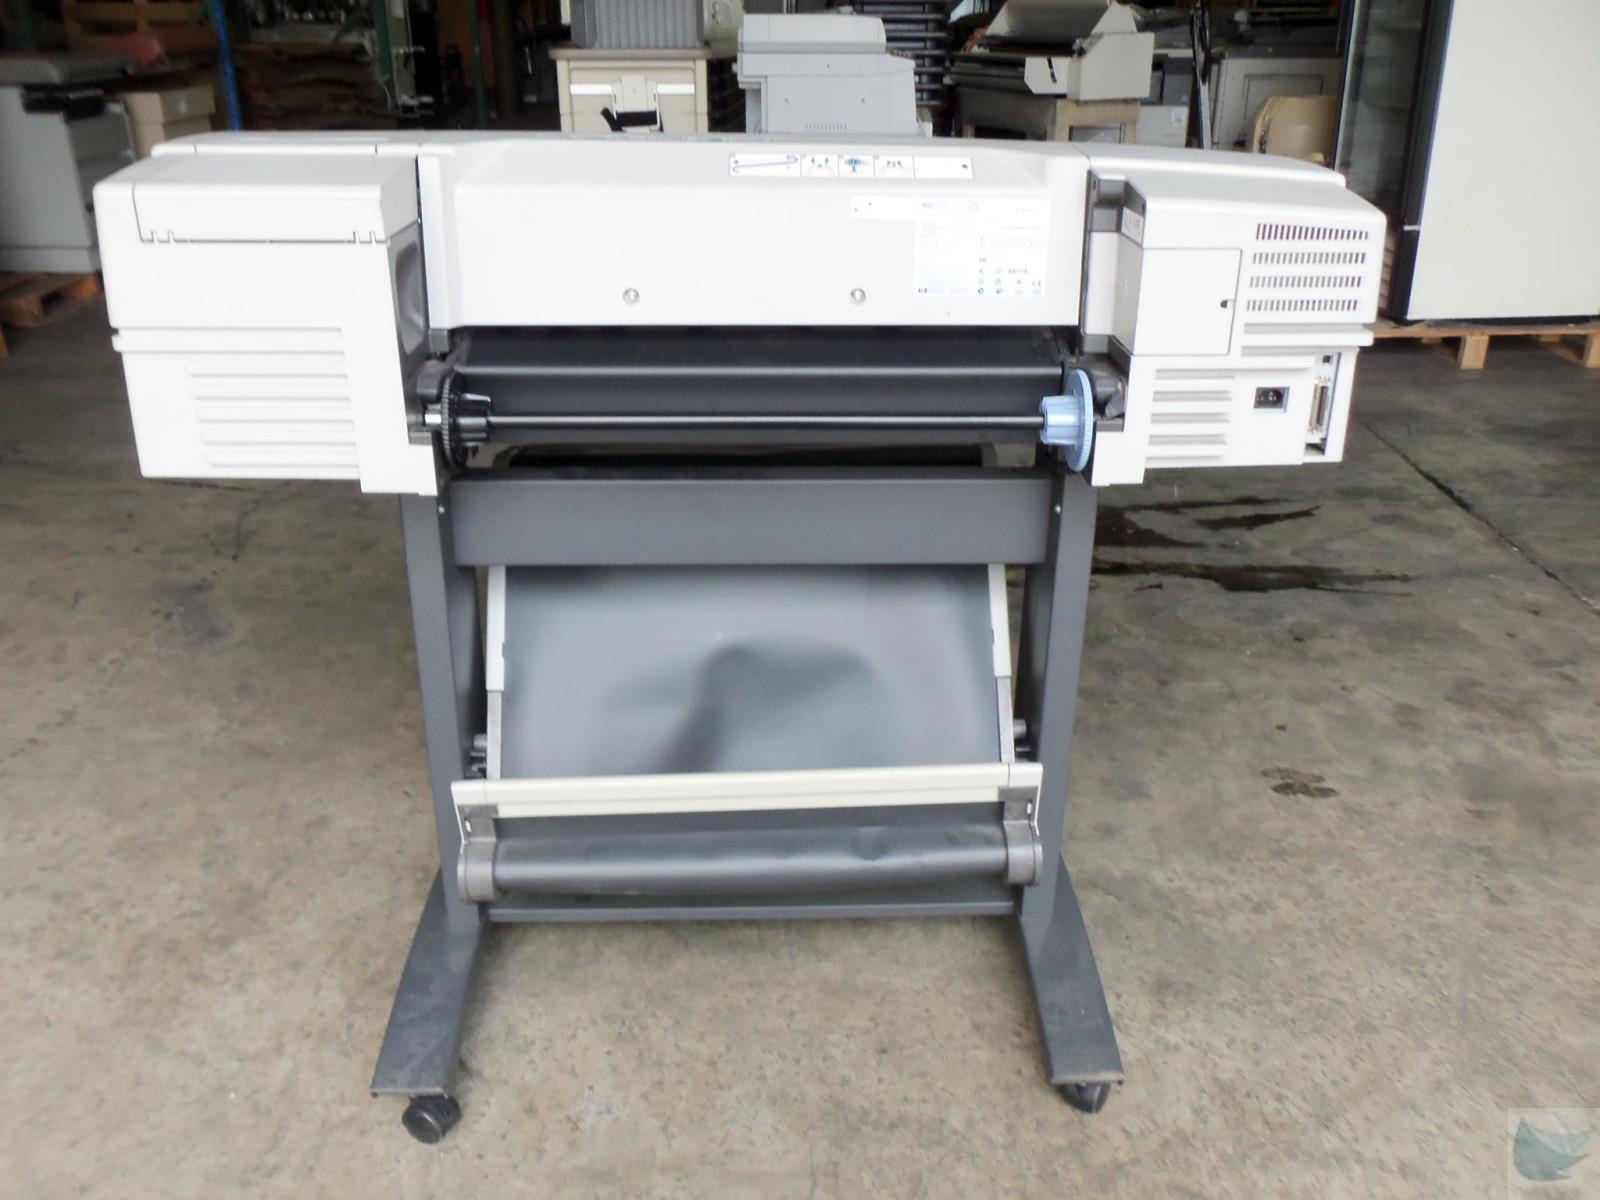 hp designjet 500 model c7769b 24 wide format printer plotter w jetdirect 615n ebay. Black Bedroom Furniture Sets. Home Design Ideas